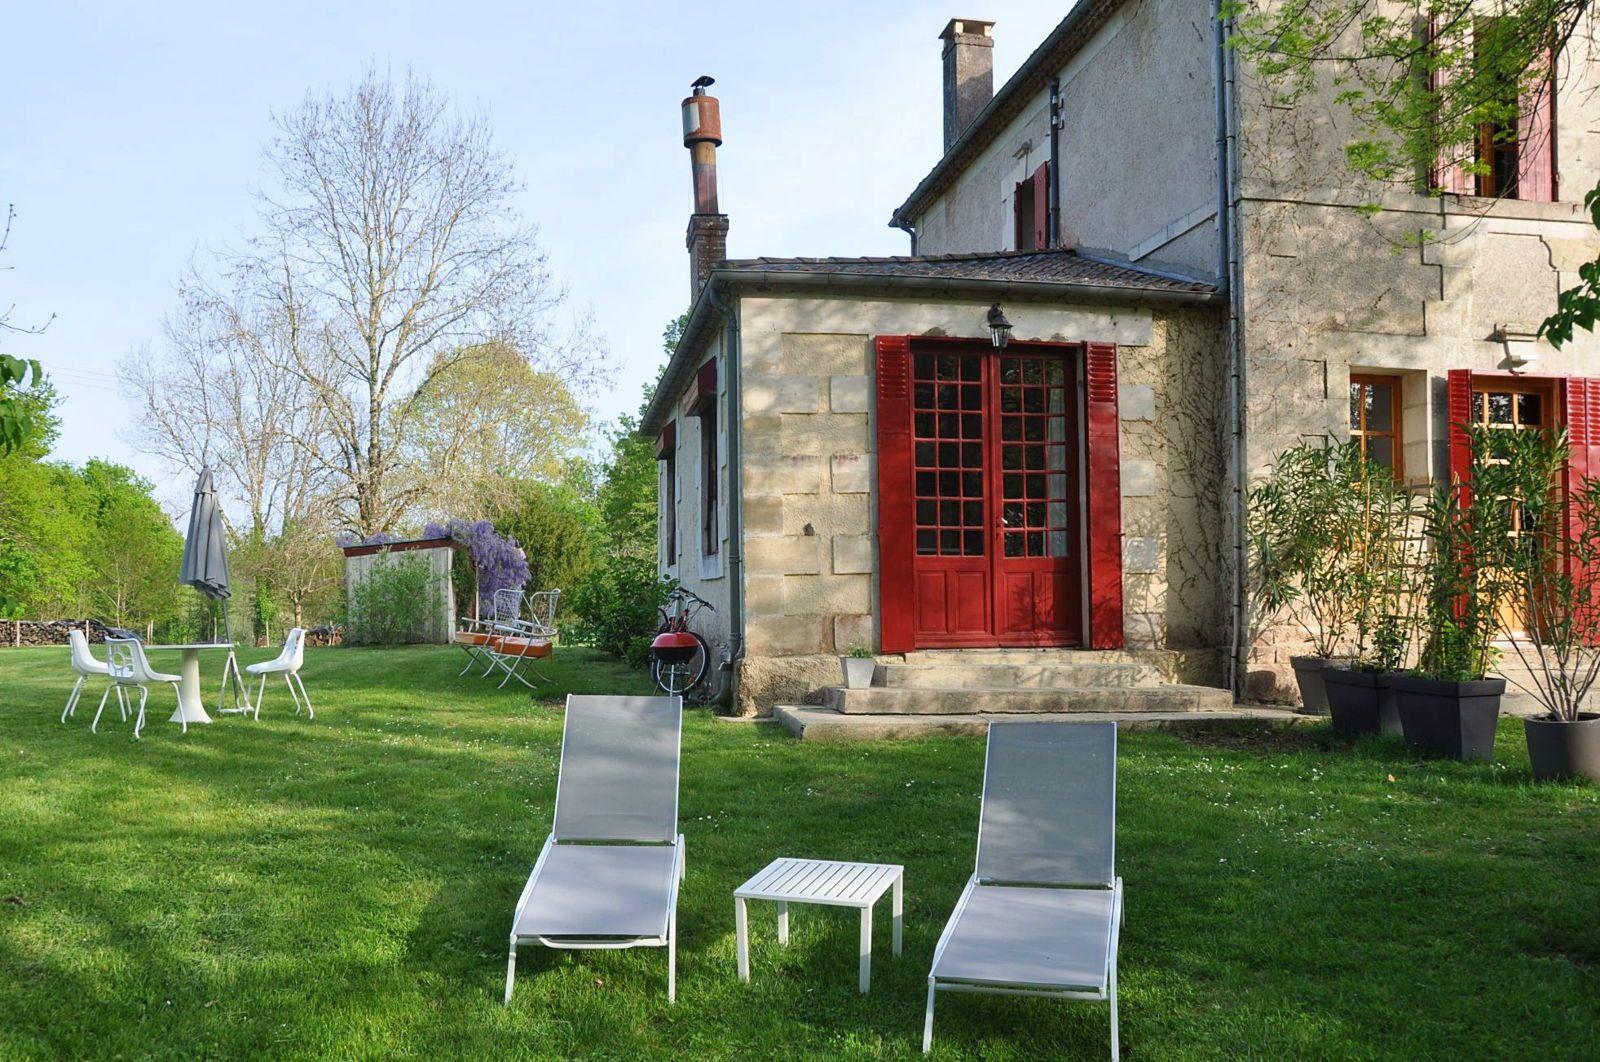 Loue appartement 2pièces proche Bergerac - 1couchage - Église-Neuve-d'Issac (24) (1h de Bordeaux)